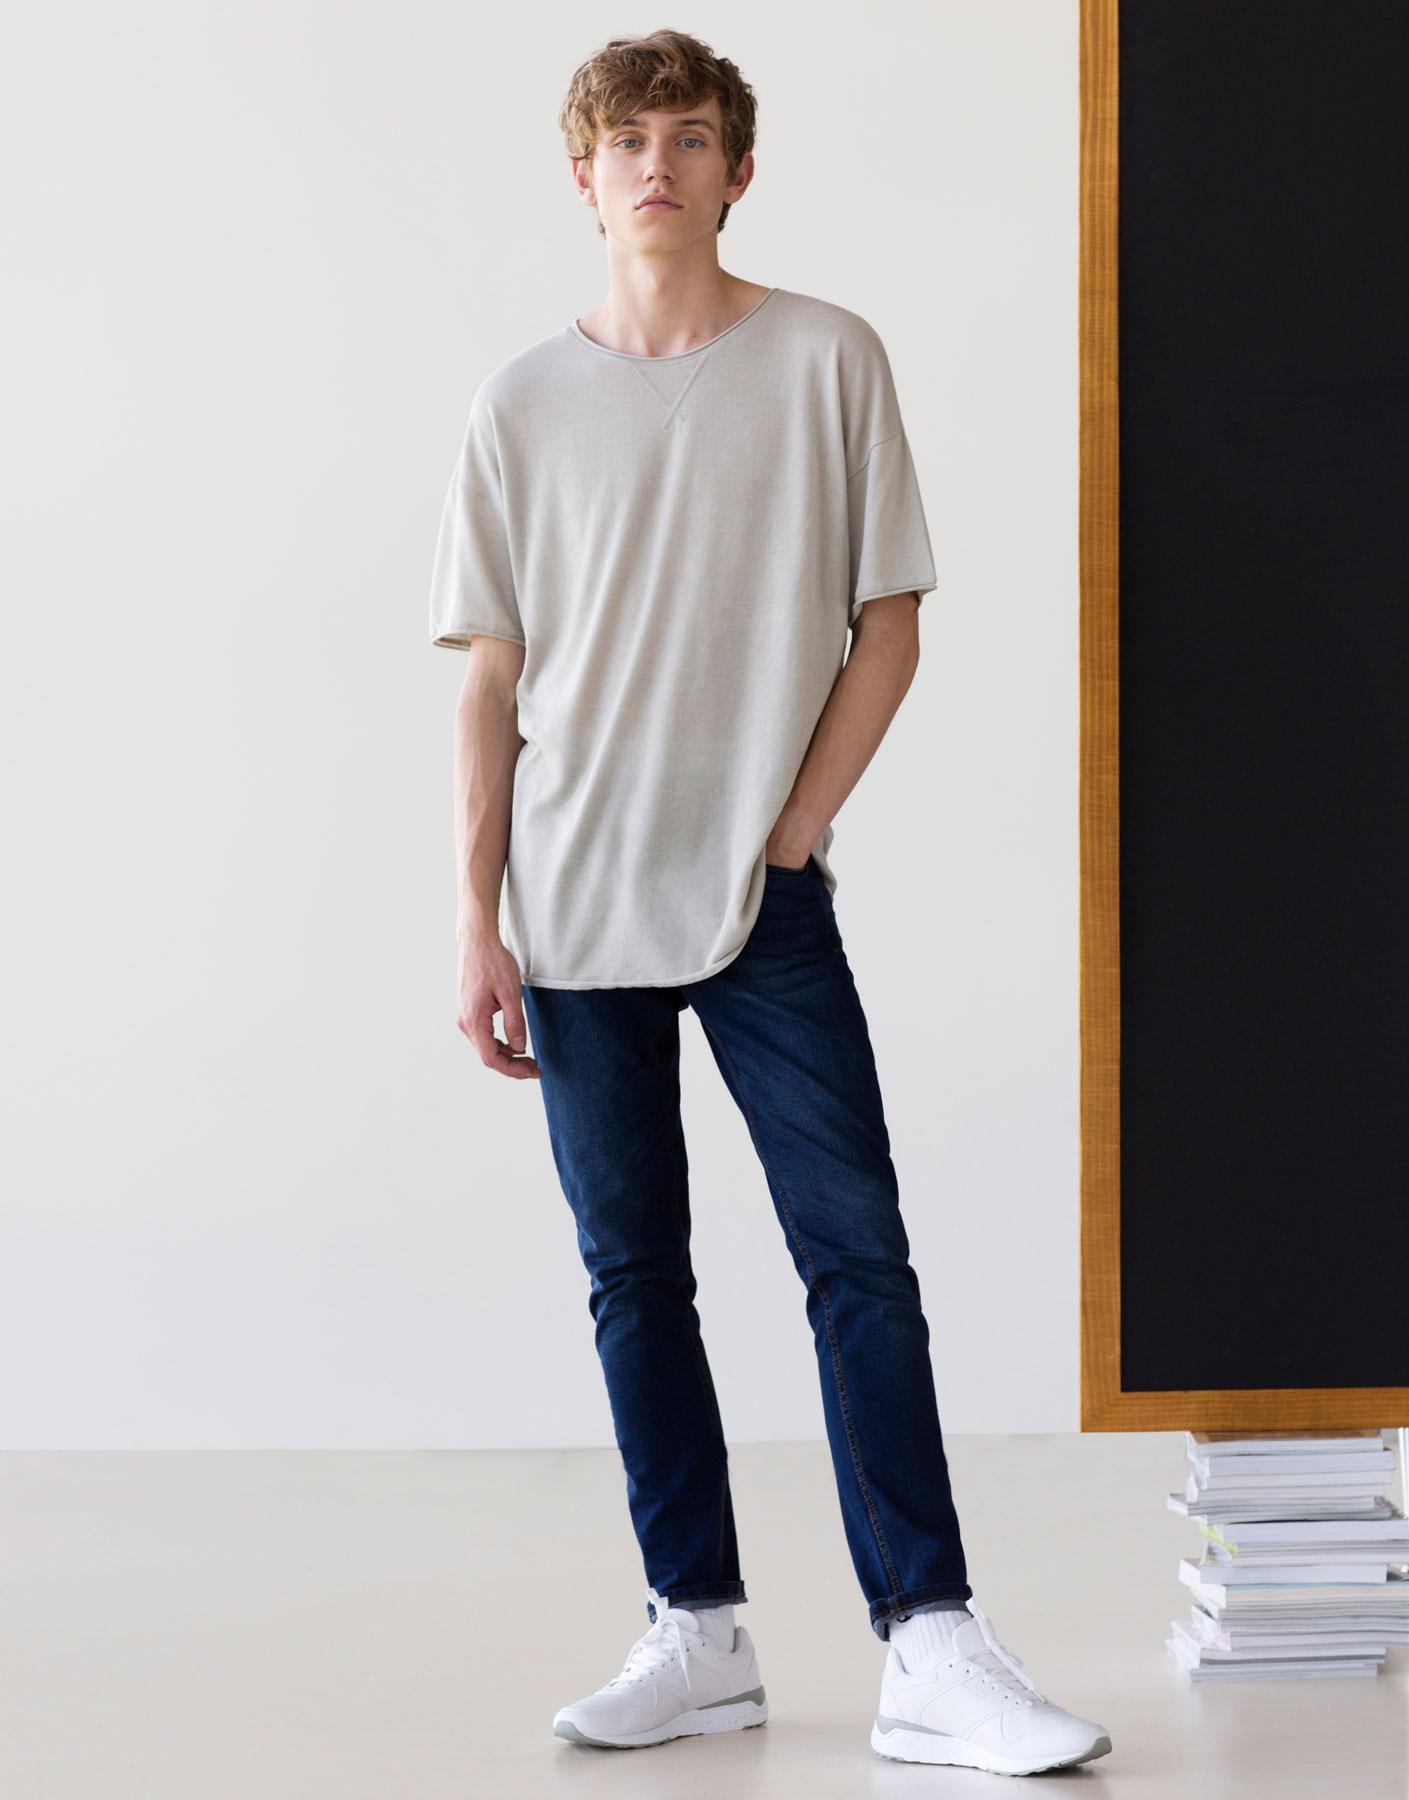 Short-sleeve oversized sweater